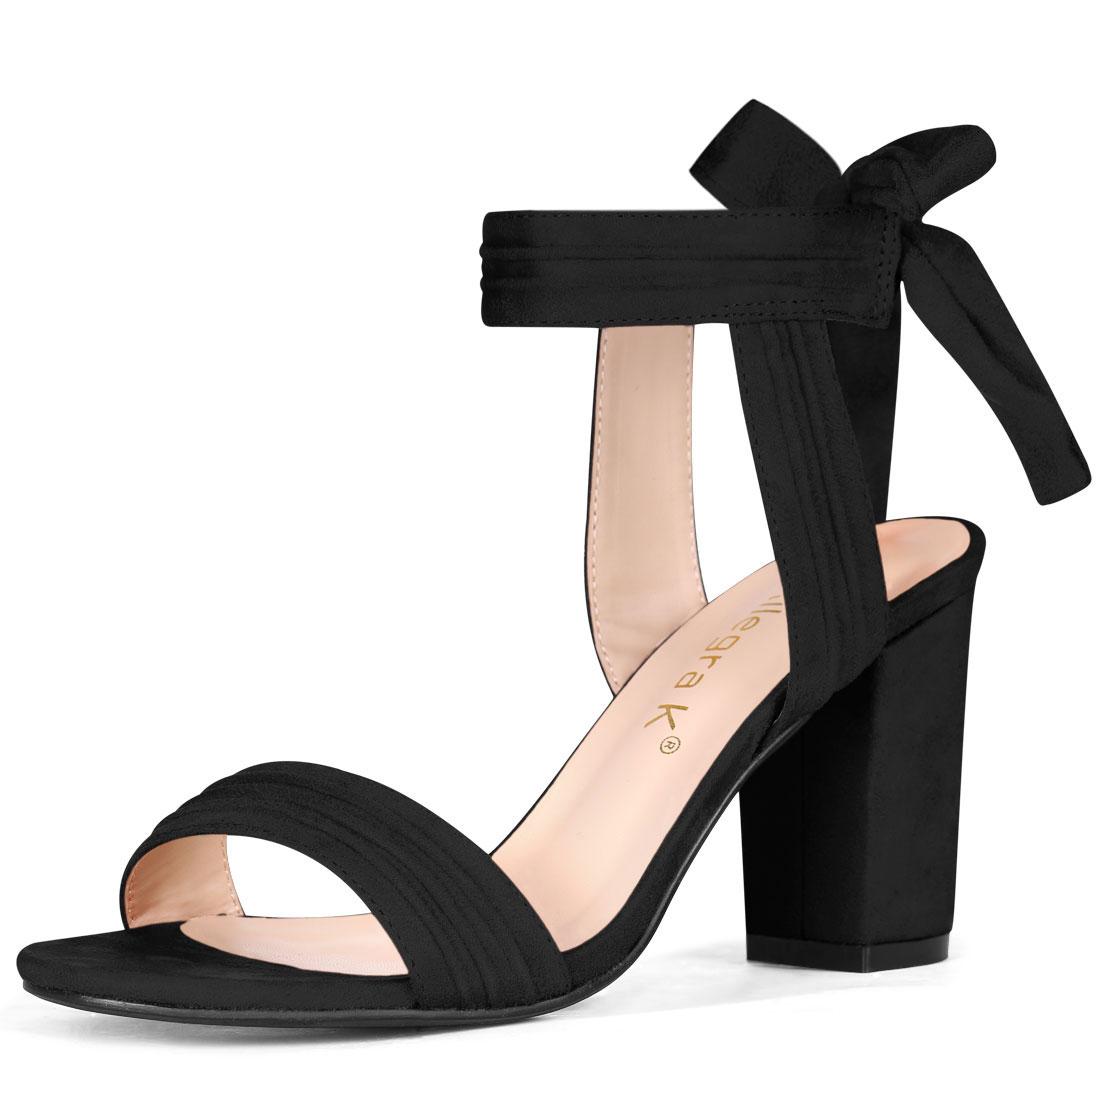 Allegra K Women's Open Toe Ankle Tie Back Chunky Heel Sandals Black US 9.5